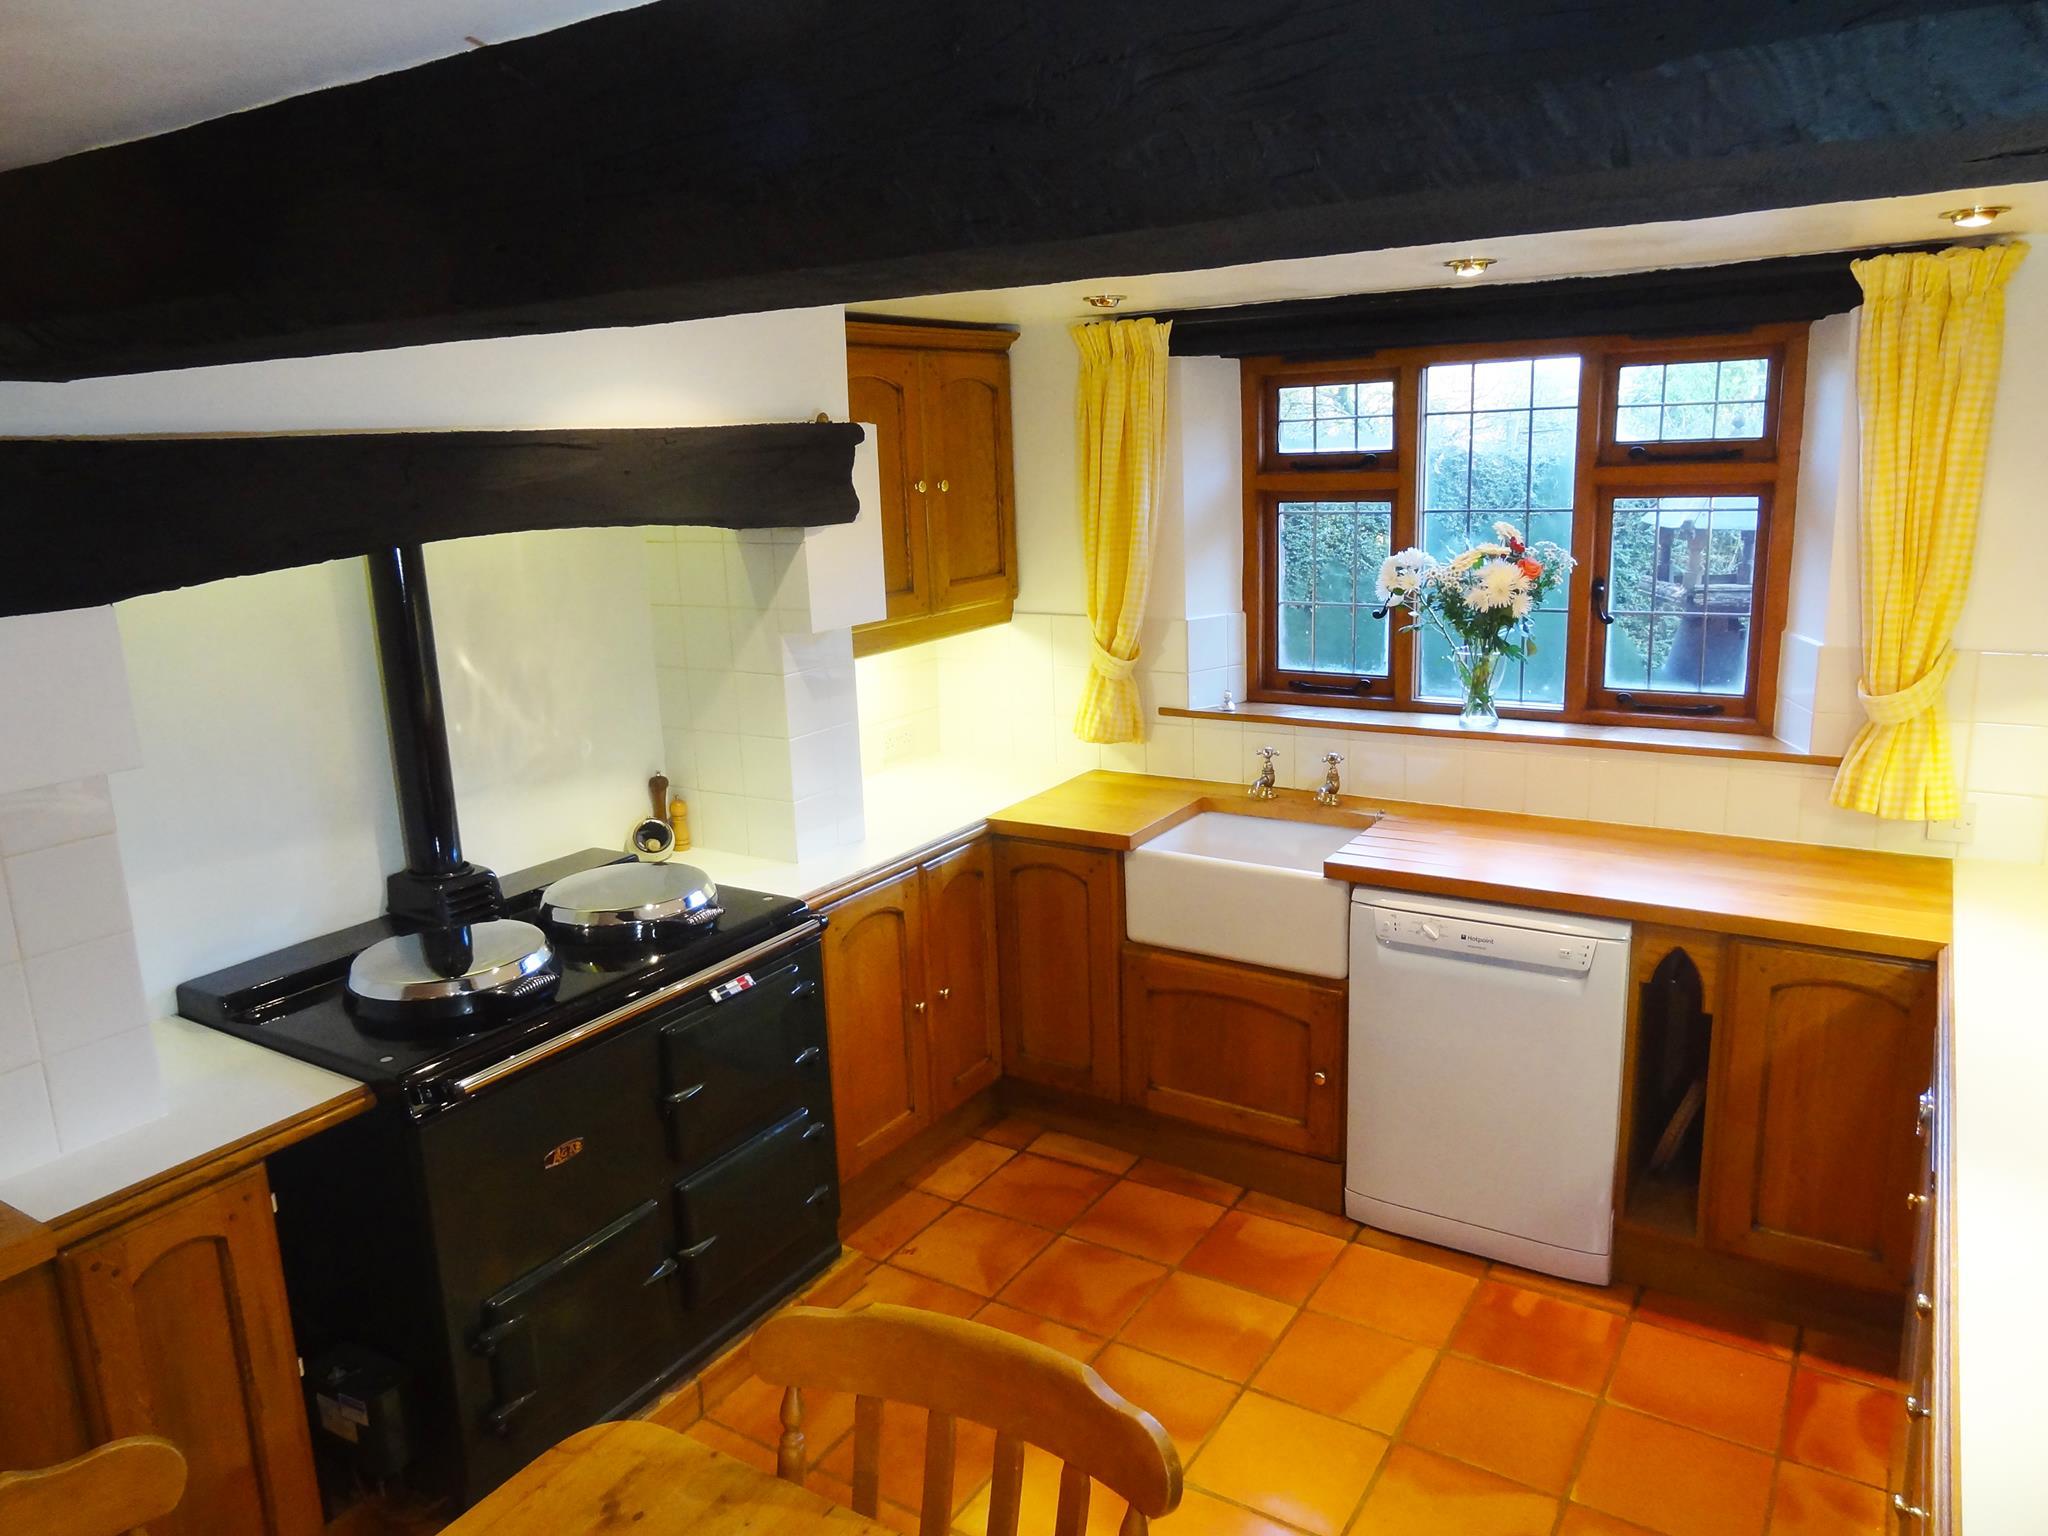 St Pancras kitchen